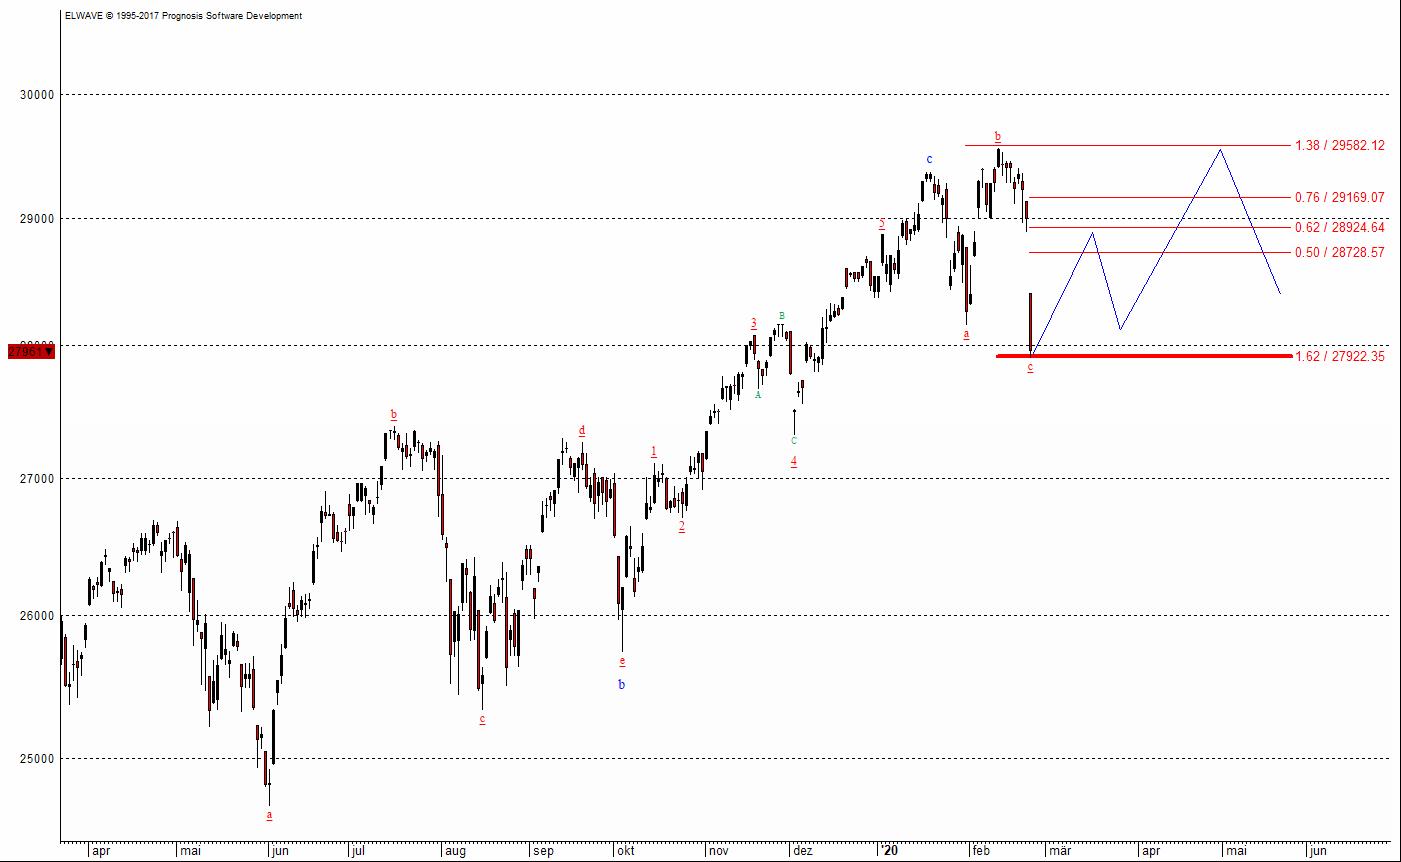 Der Dow Jones, einer der wichtigsten Aktienmärkte